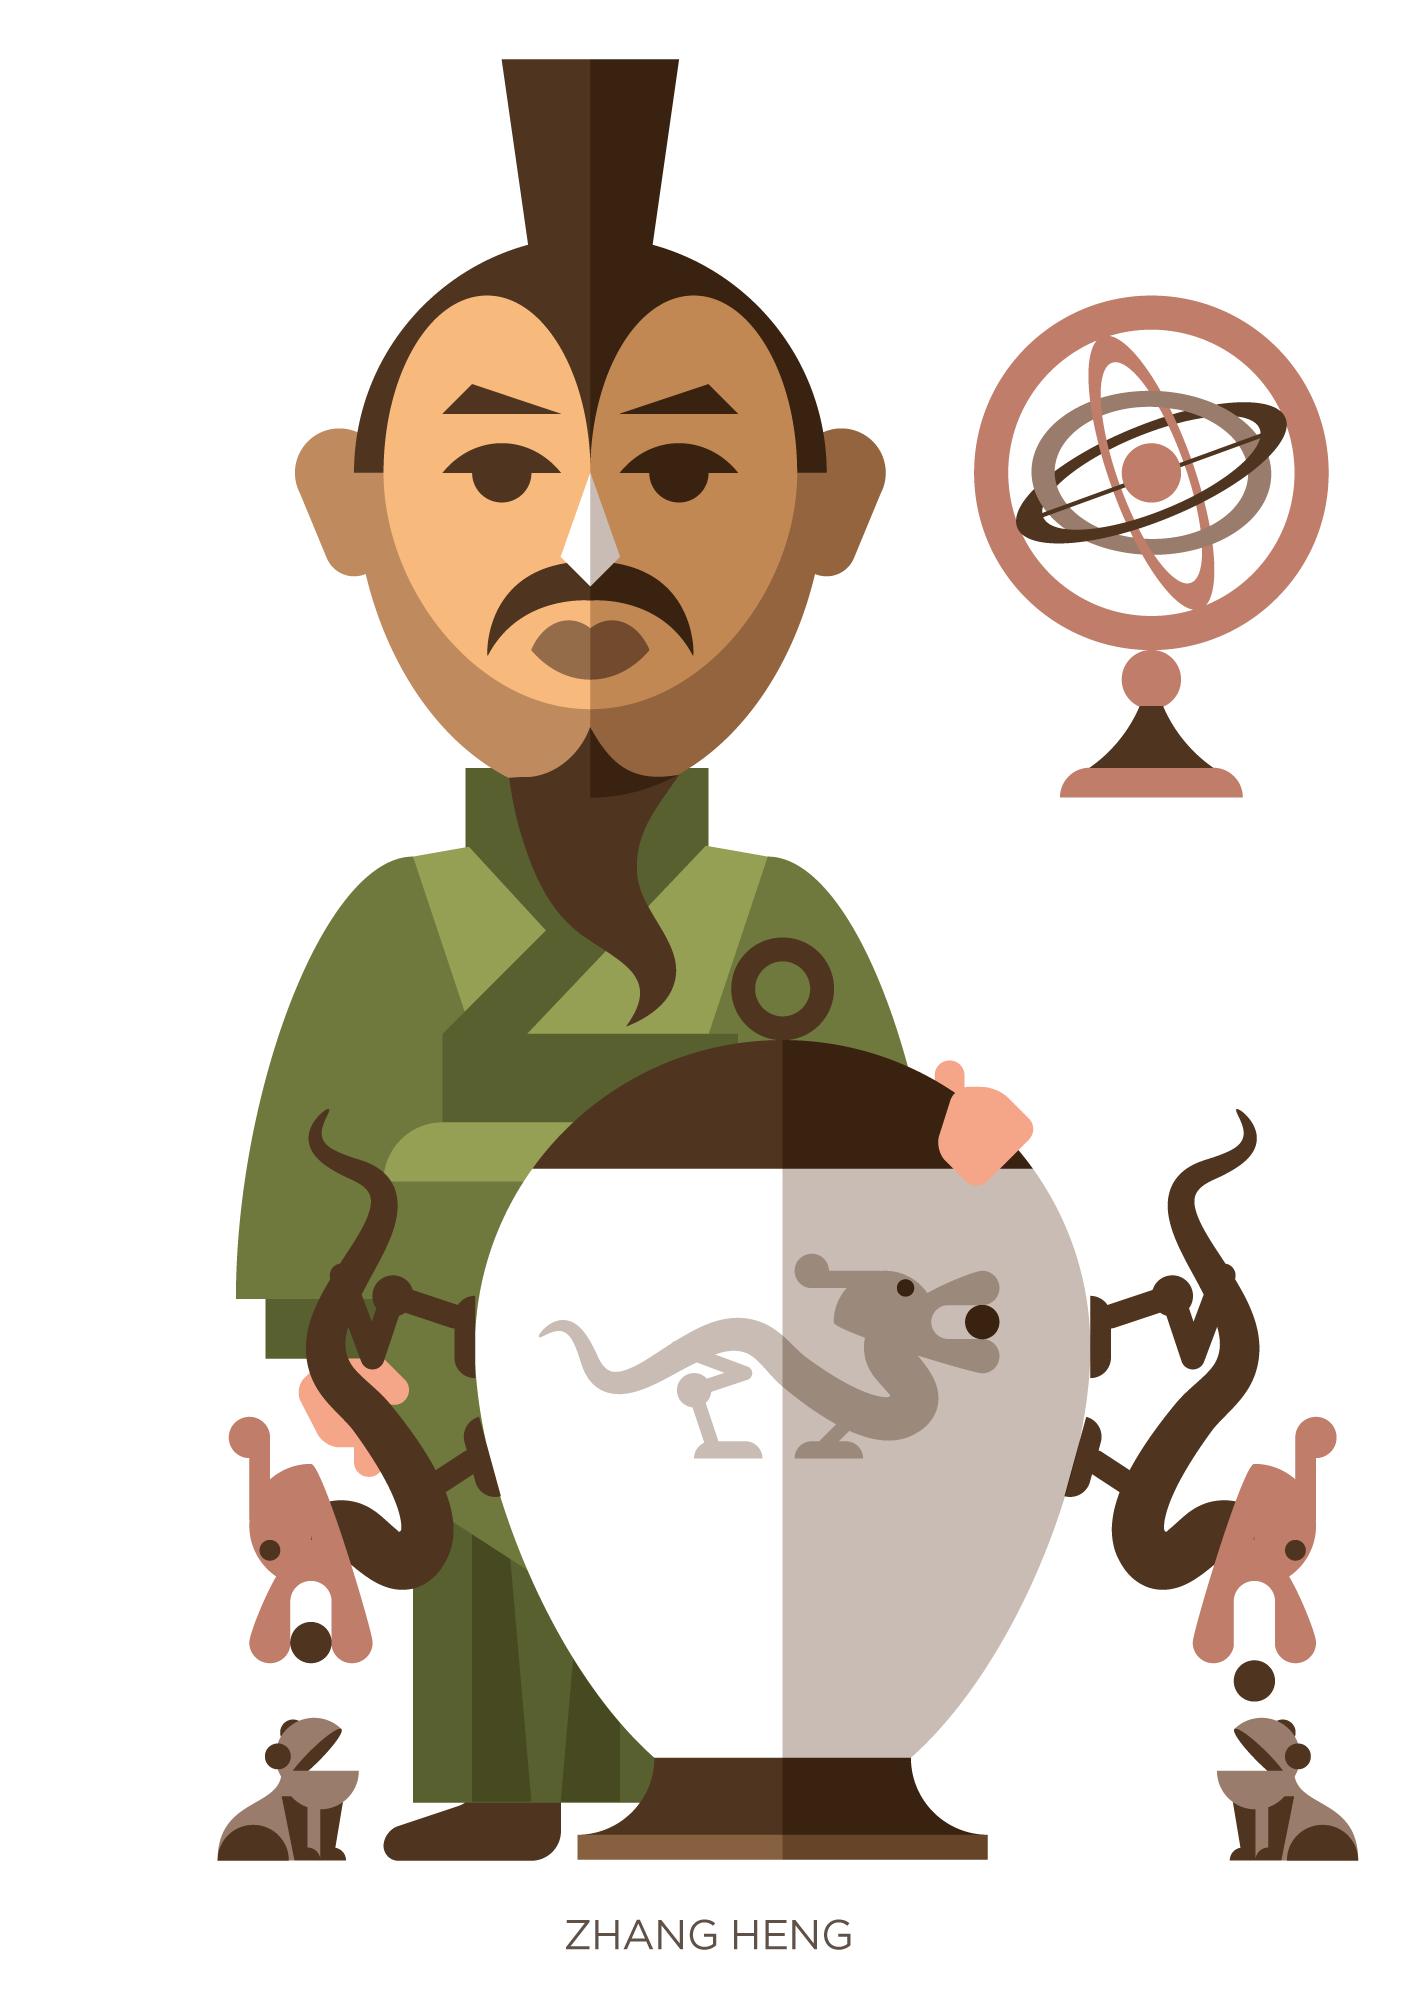 tino-tinoland-bam-sciences-gallimard-jeunesse-zhang-heng